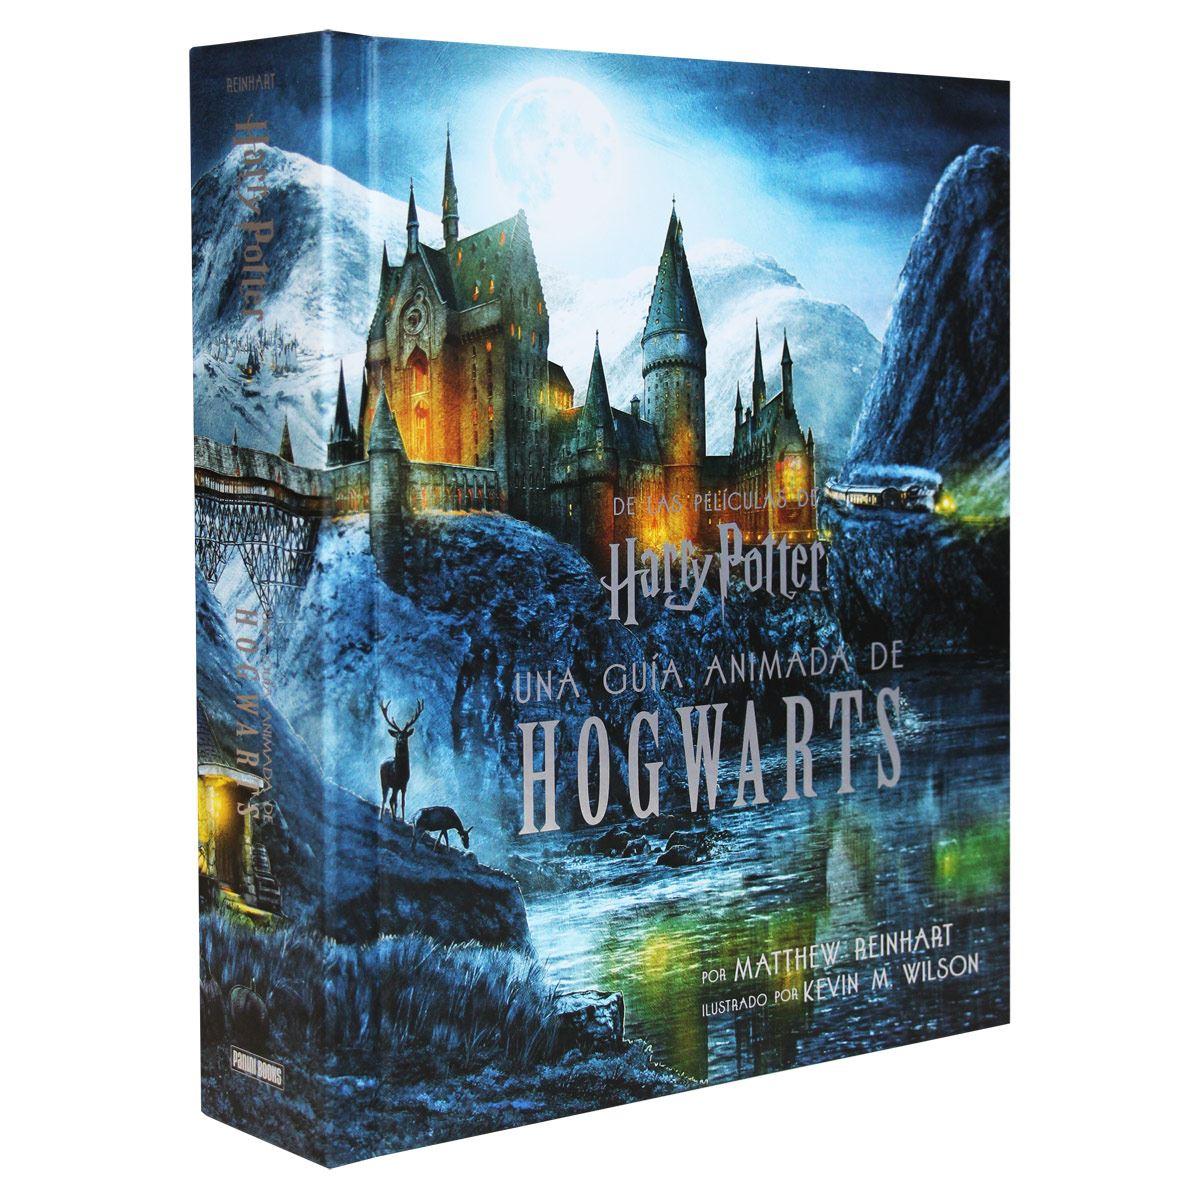 Harry Potter: Una guía animada de Hogwarts